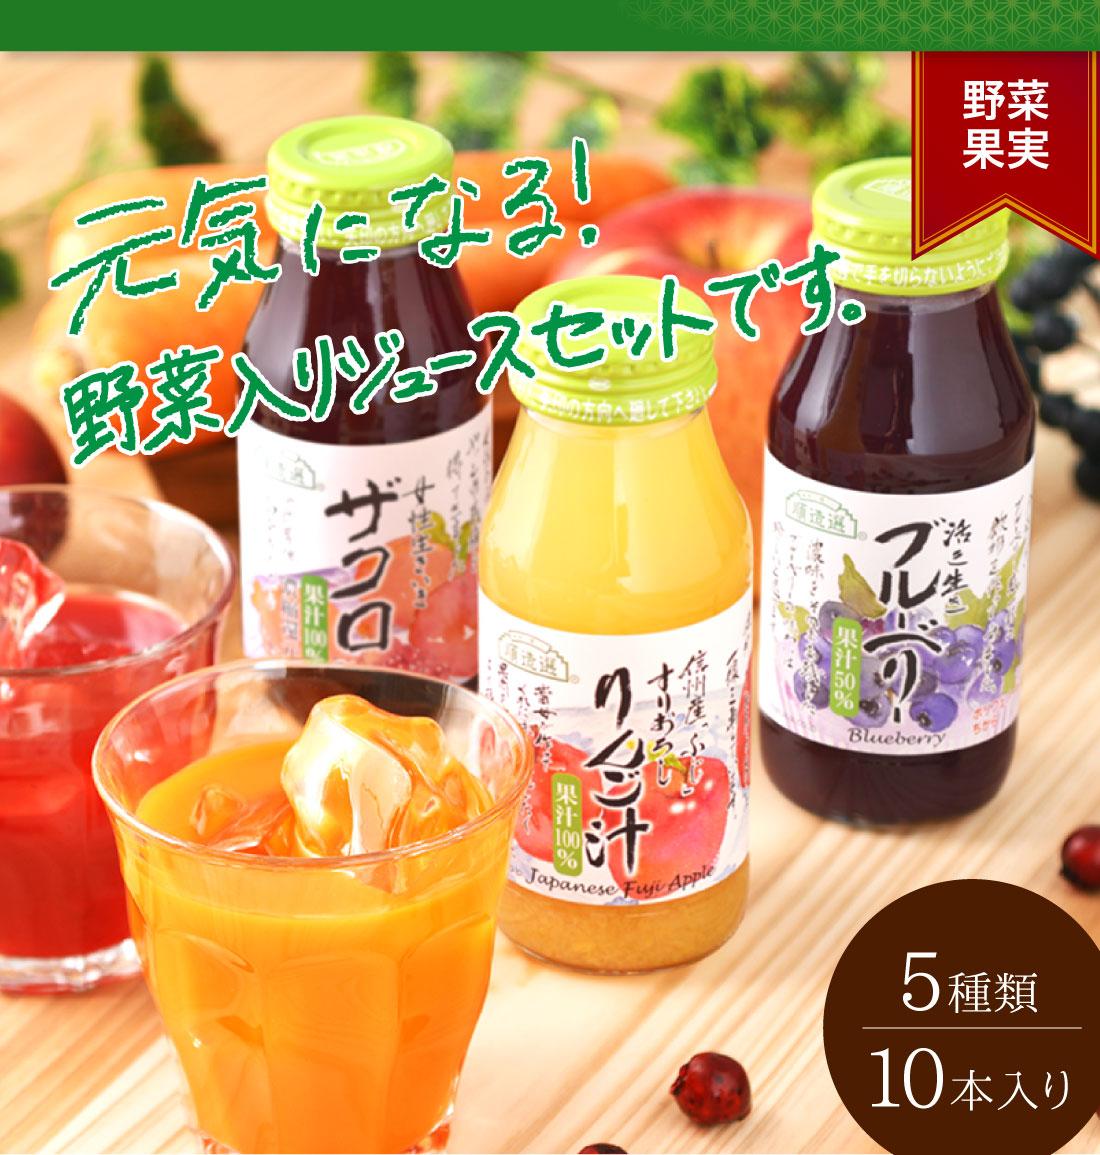 順造選 ベジ&フルーツジュースセット